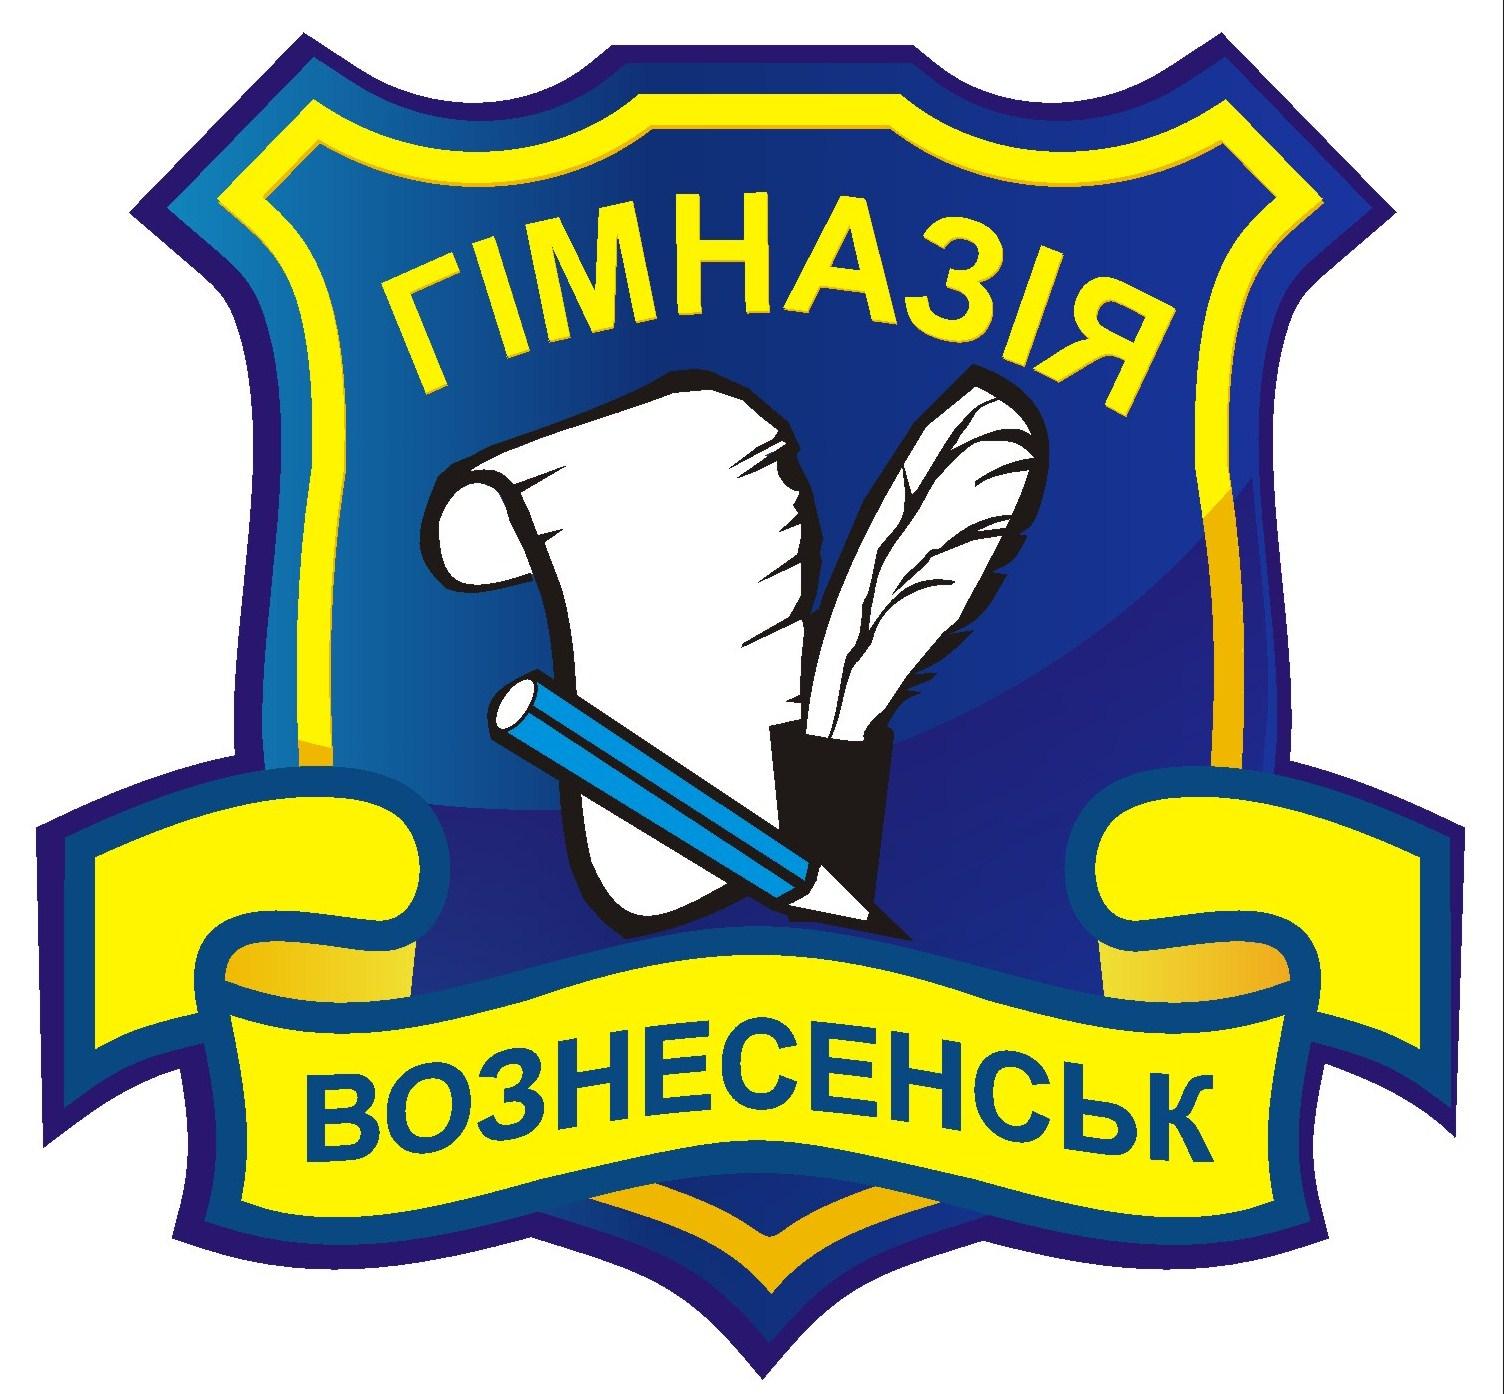 voznesenska-himnaziia-imeni-tarasa-shevchenka-voznesnskoi-miskoi-rady-mykolaivskoi-oblasti